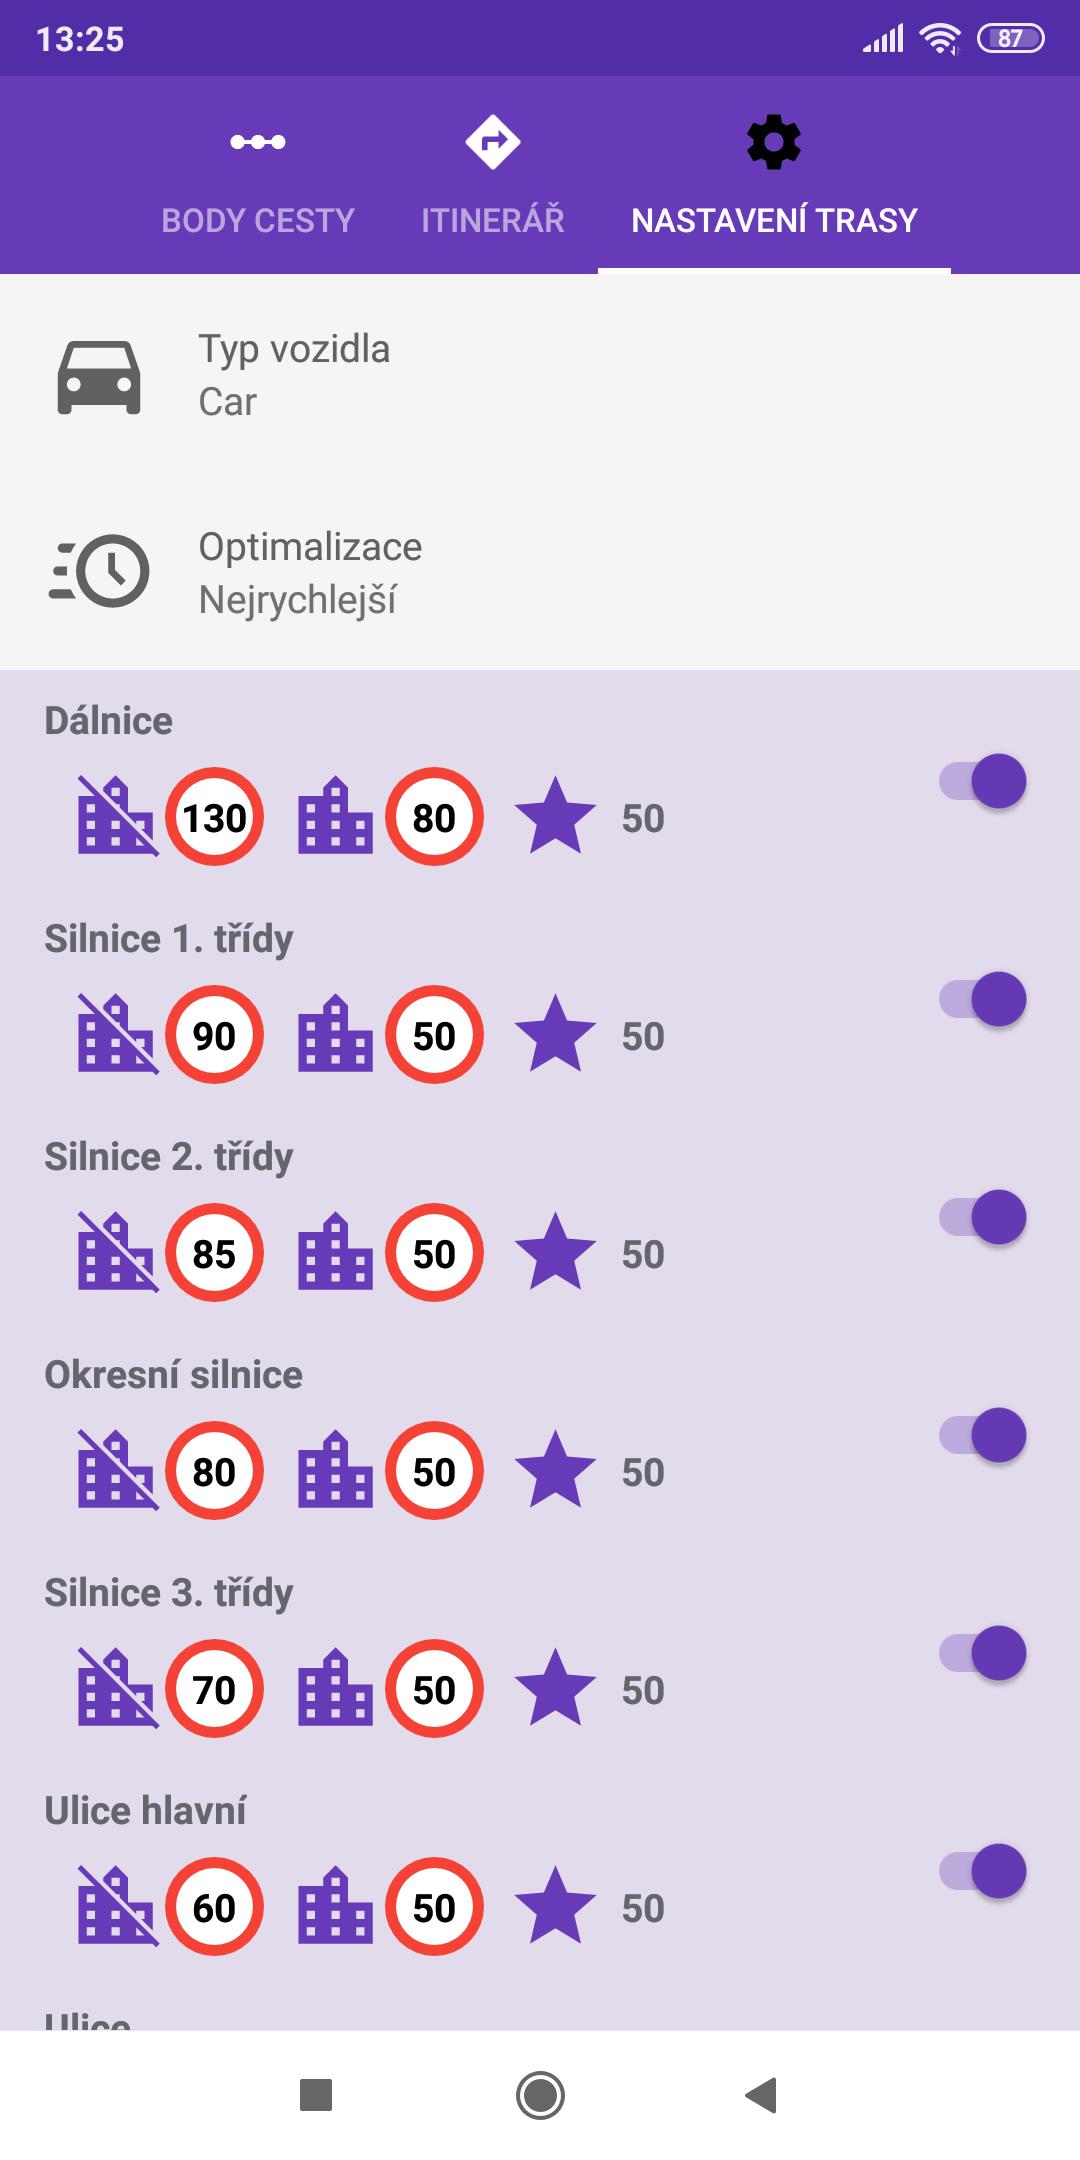 mapFactor Navigator 5.0 - Nastavení trasy - fialové schéma (premium)